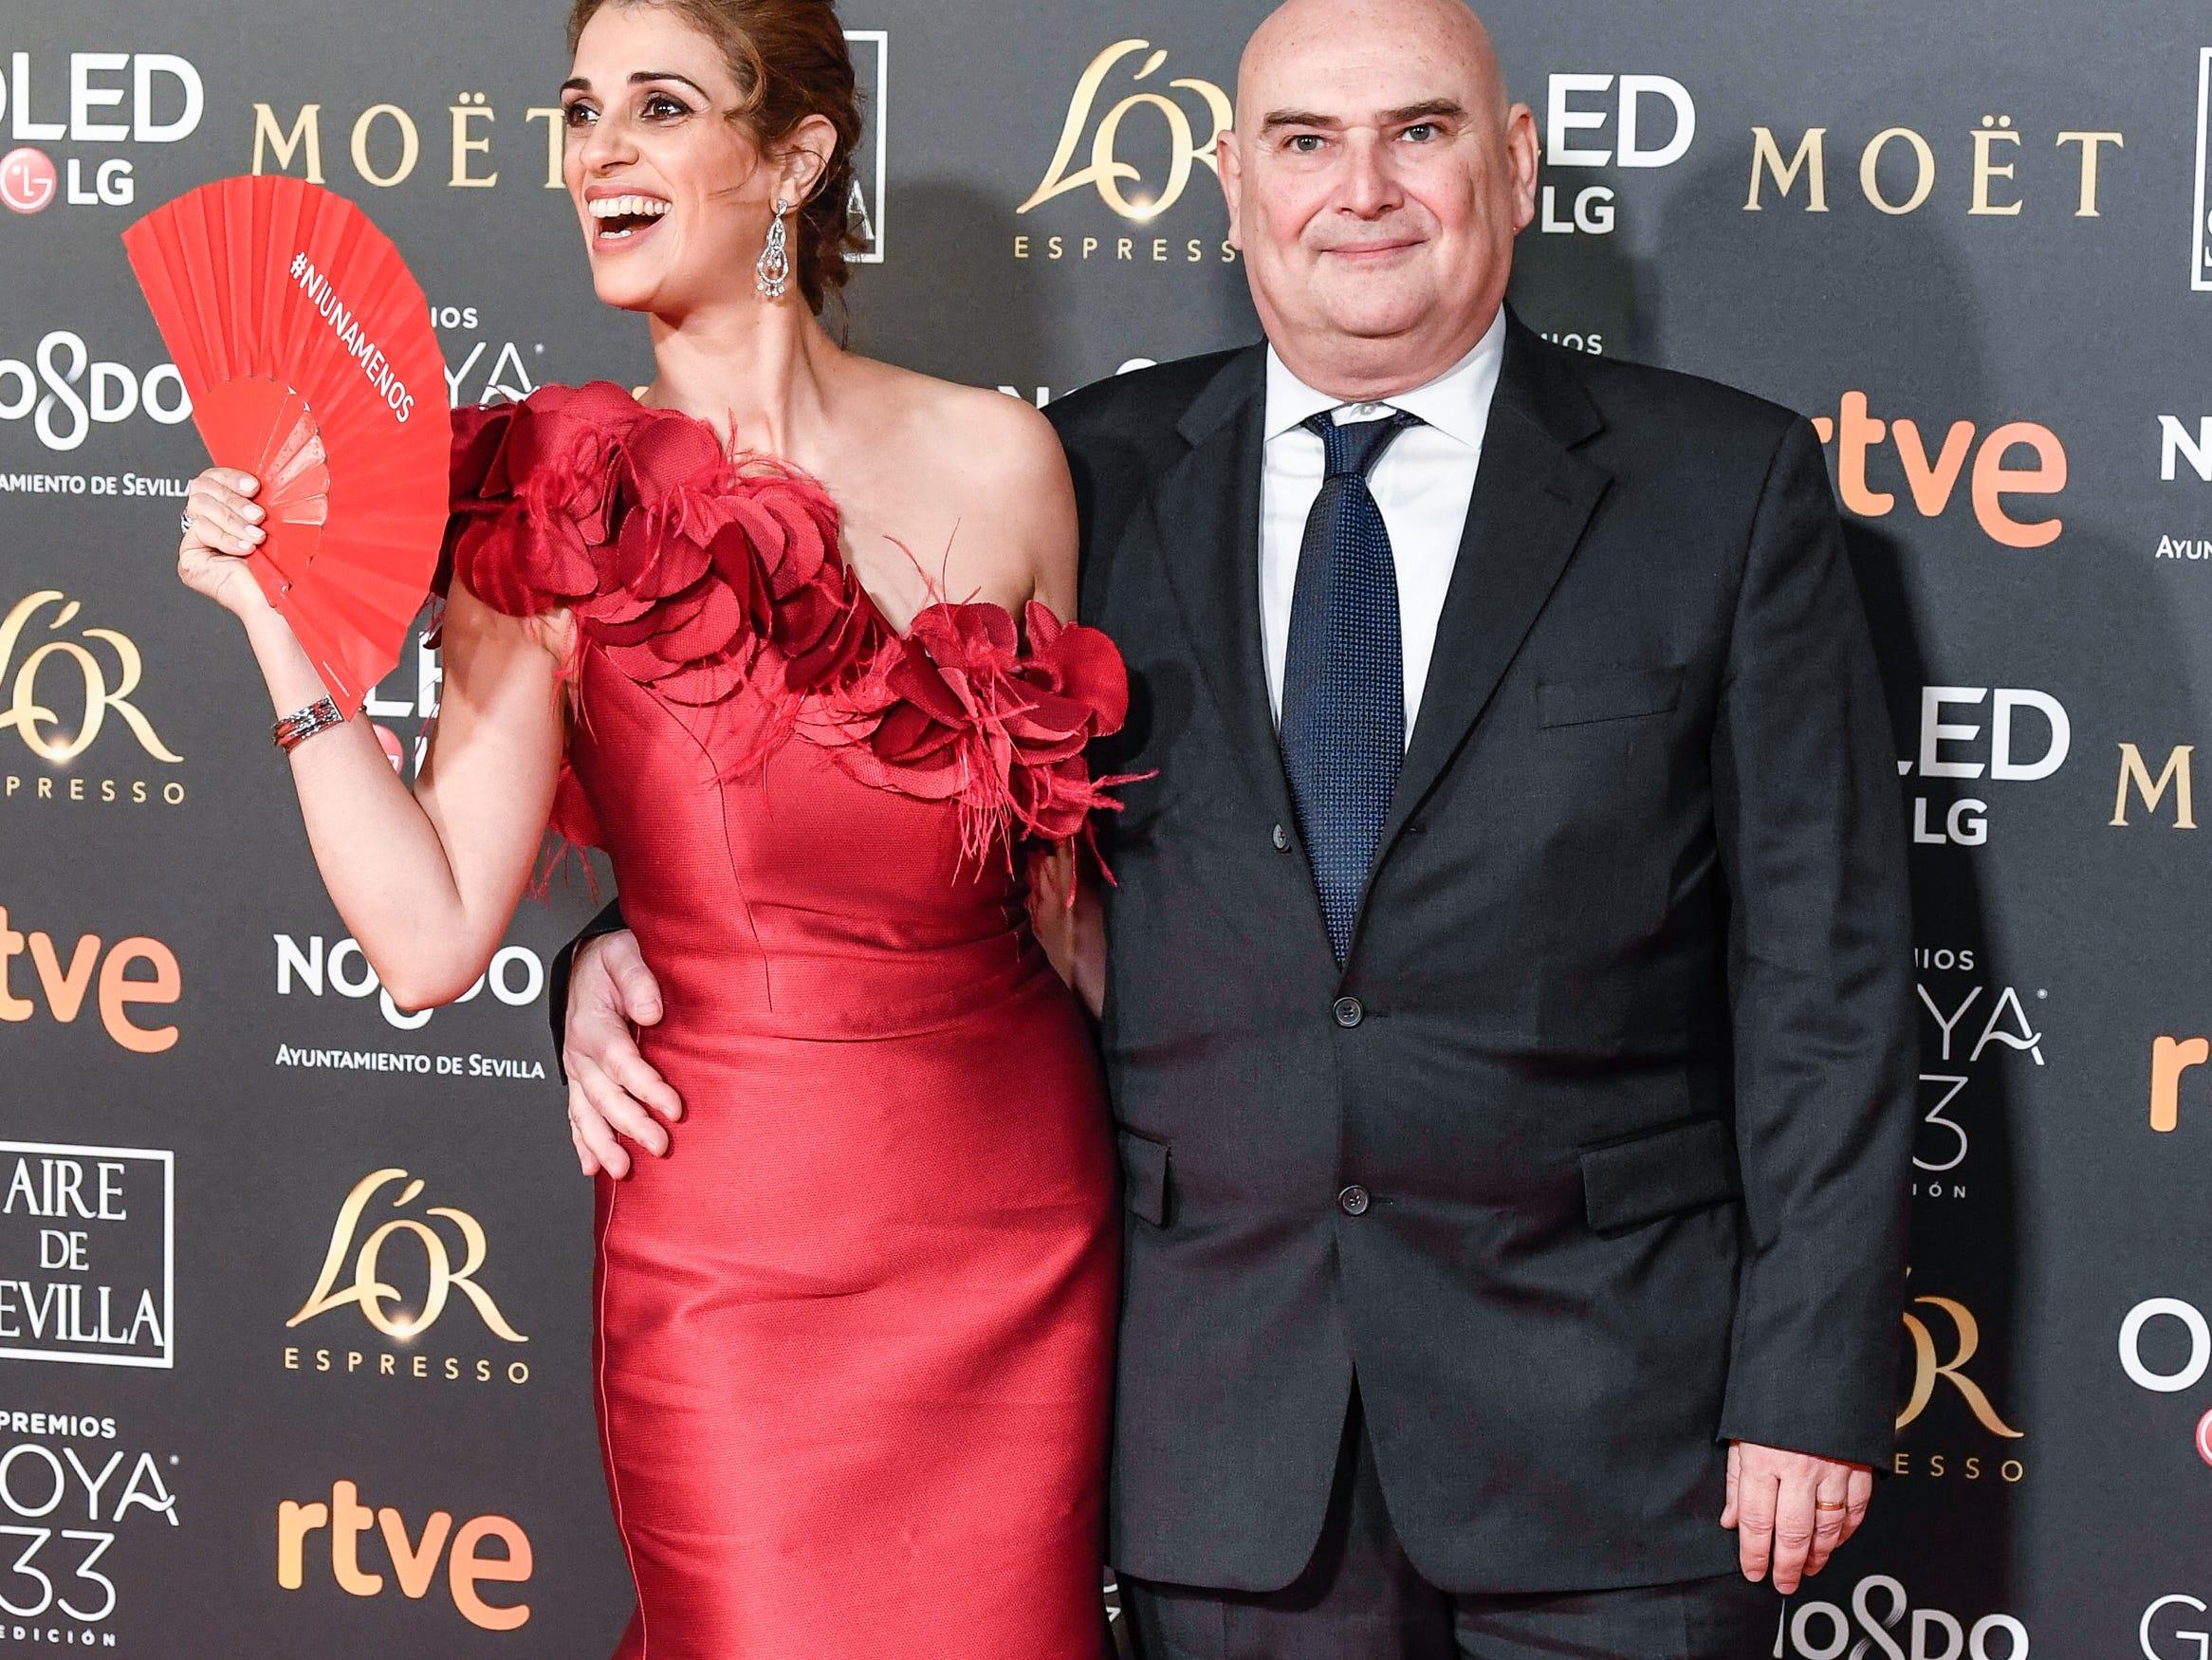 Ruth Gabriel y Antonio Saura asiste a la 33ª edición de los Premios de Cine Goya en el Palacio de Congresos y Exposiciones FIBES el 2 de febrero de 2019 en Sevilla, España.